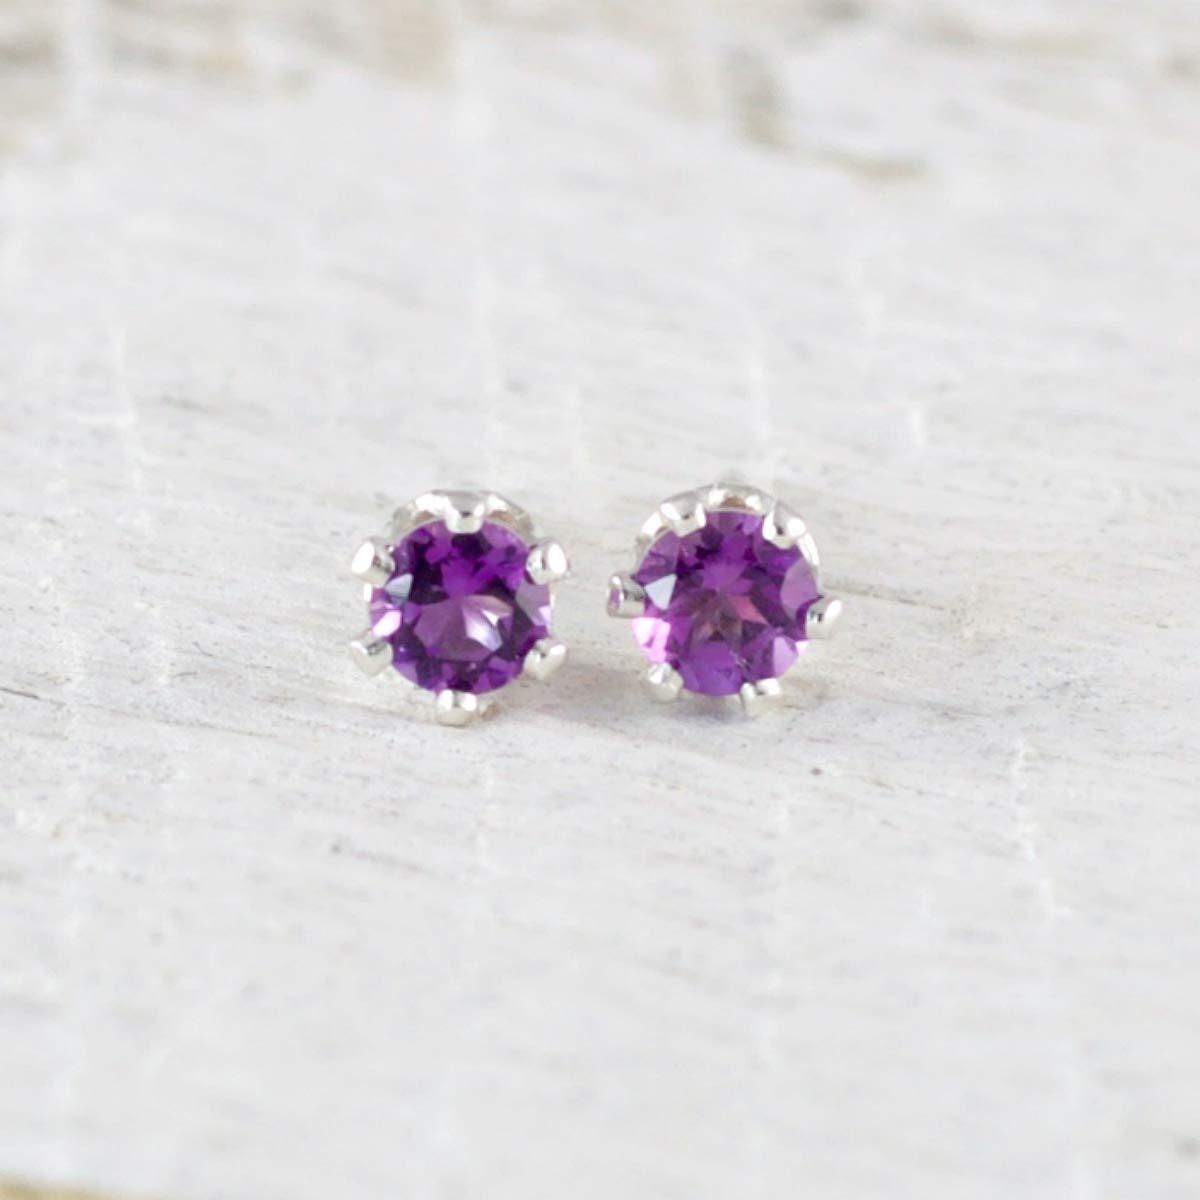 Birthday Gift Silver Dangle Earrings SE03 Natural Amethyst Earring 925 Sterling Silver Earring Purple Earrings February Birthstone